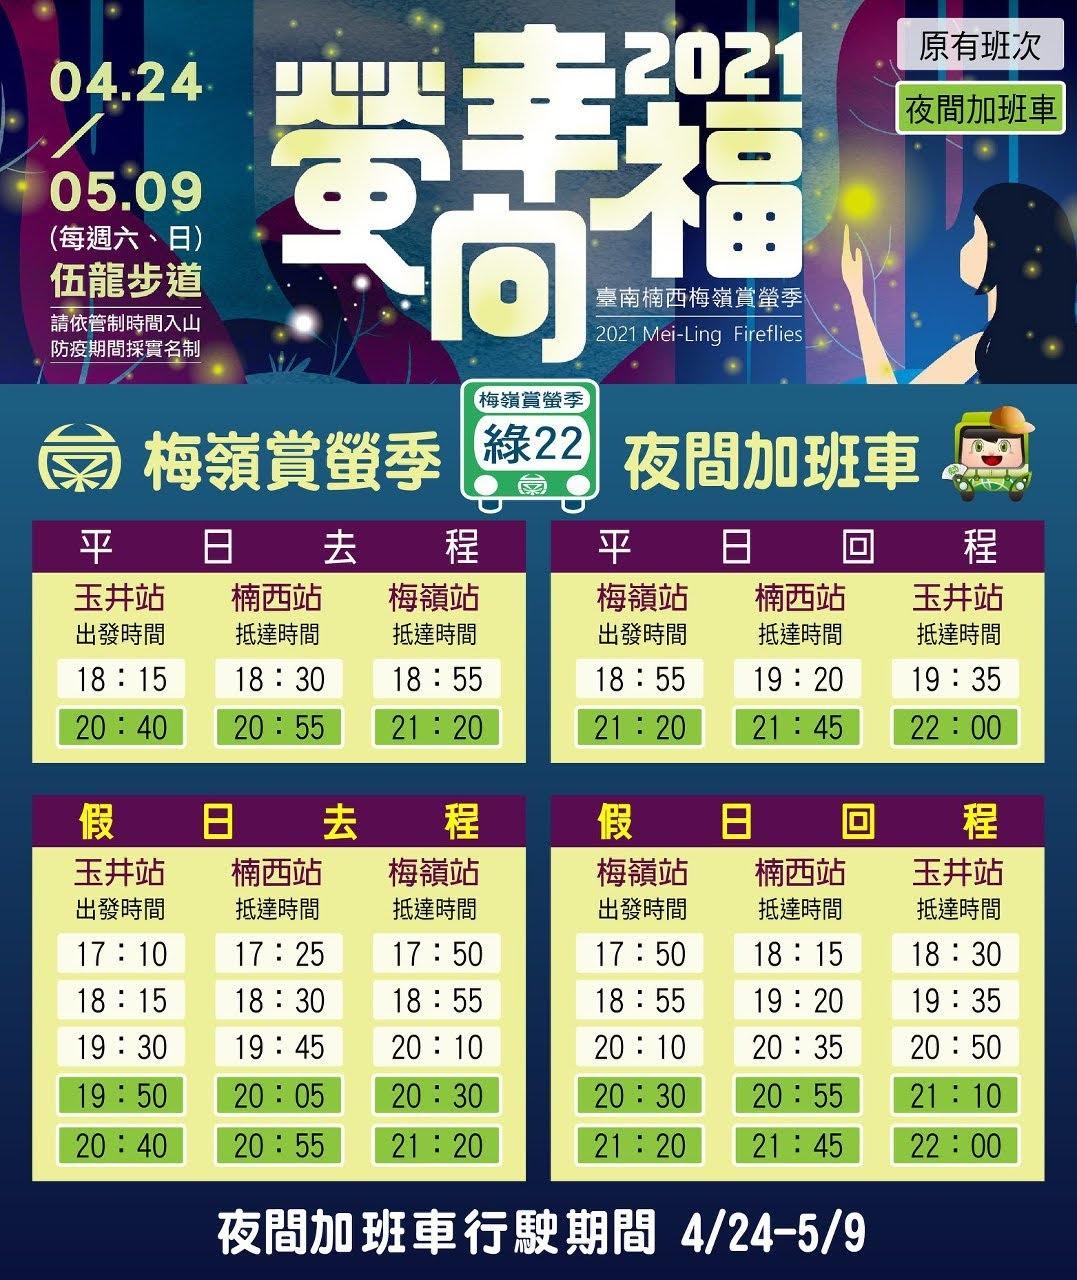 2021台南楠西梅嶺賞螢季4/24登場|假日每梯次限量500人|完整資訊、交通懶人包|活動